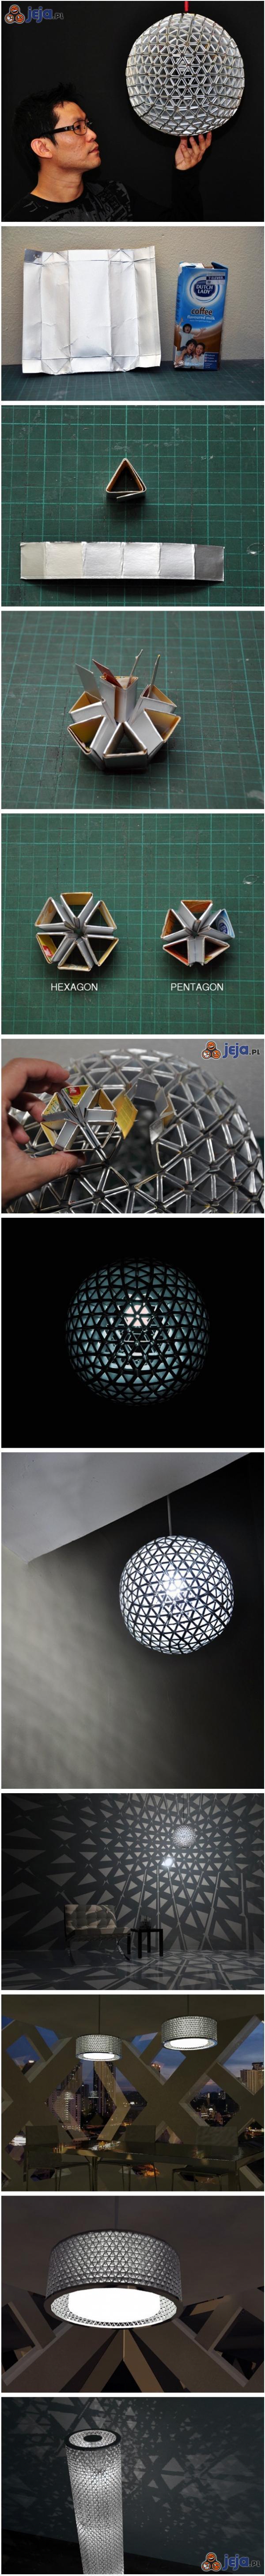 Lampy z kartoników tetra-pak